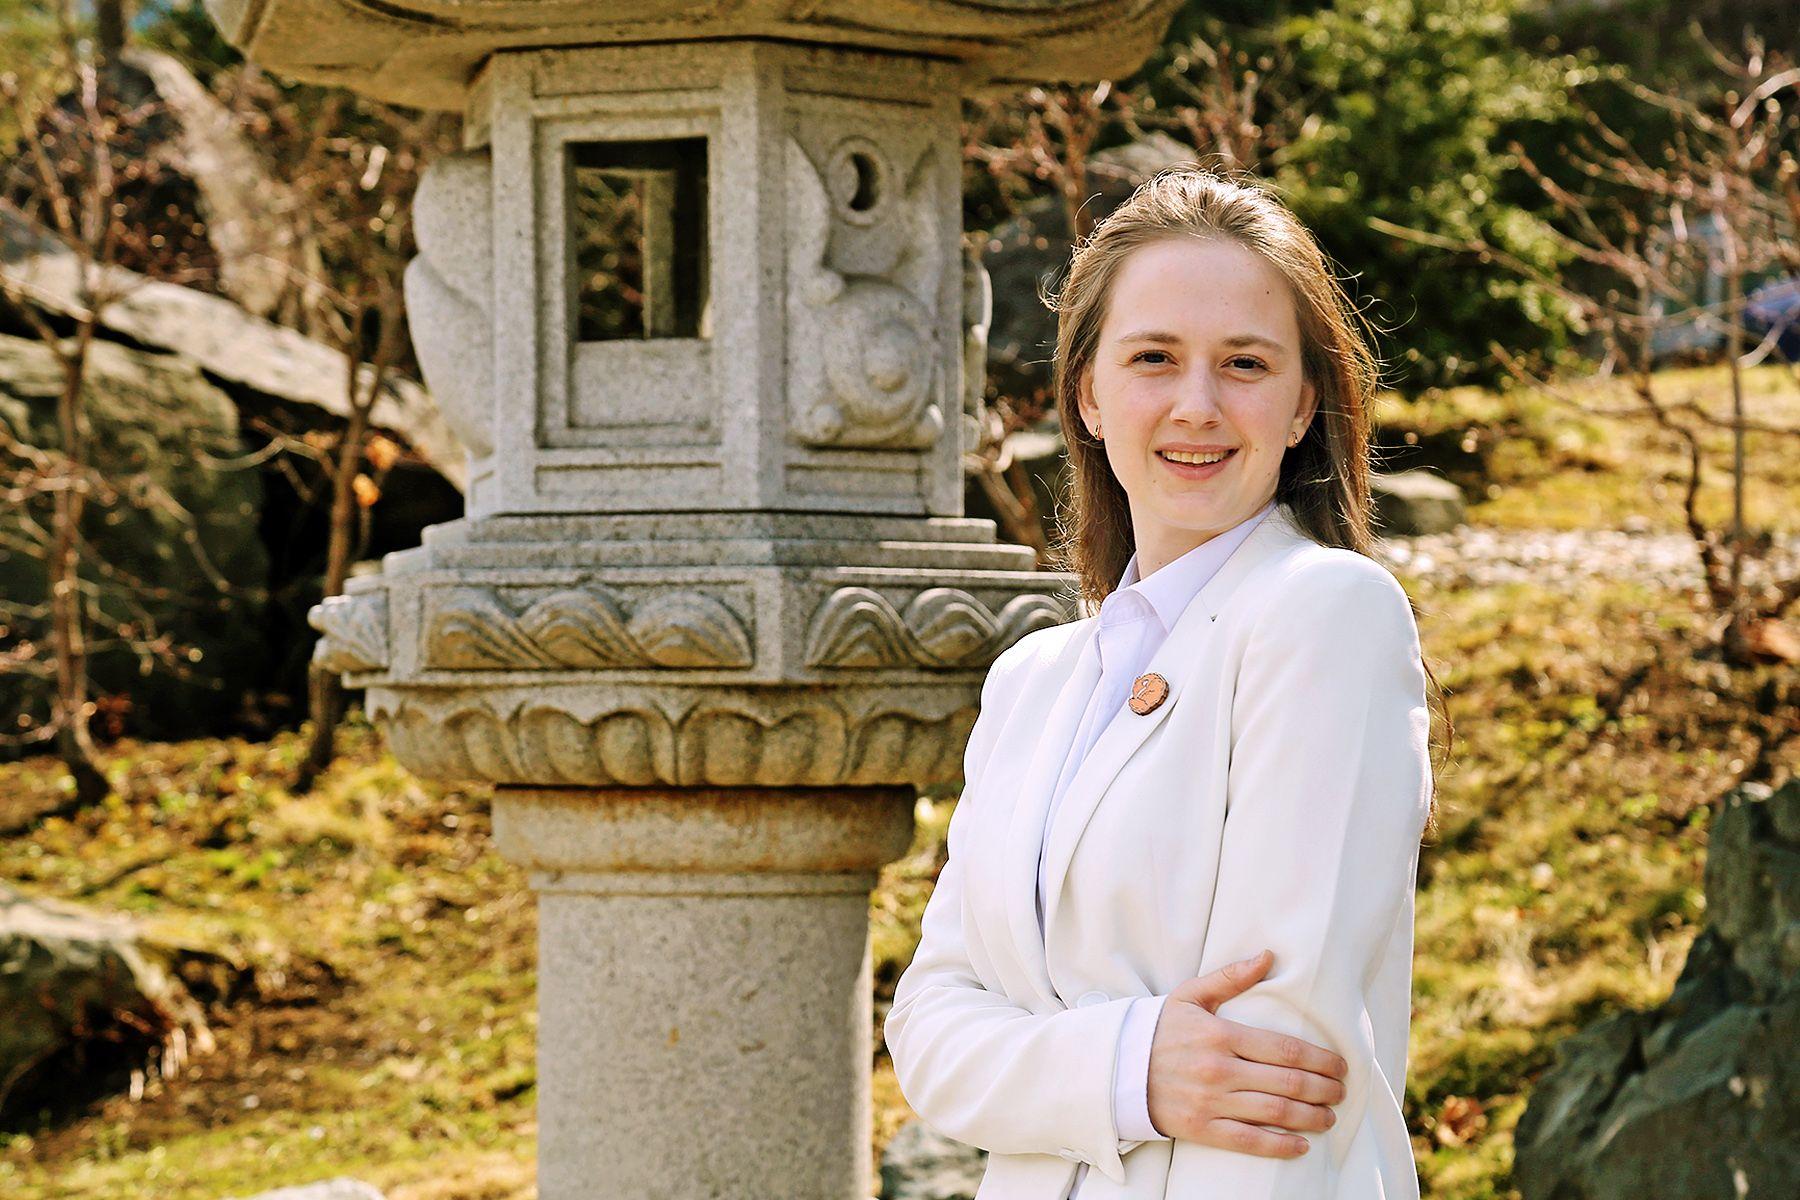 Студентка Института права ВГУЭС Ольга Котляр — победитель конкурса именных стипендий Ассоциации юридических вузов